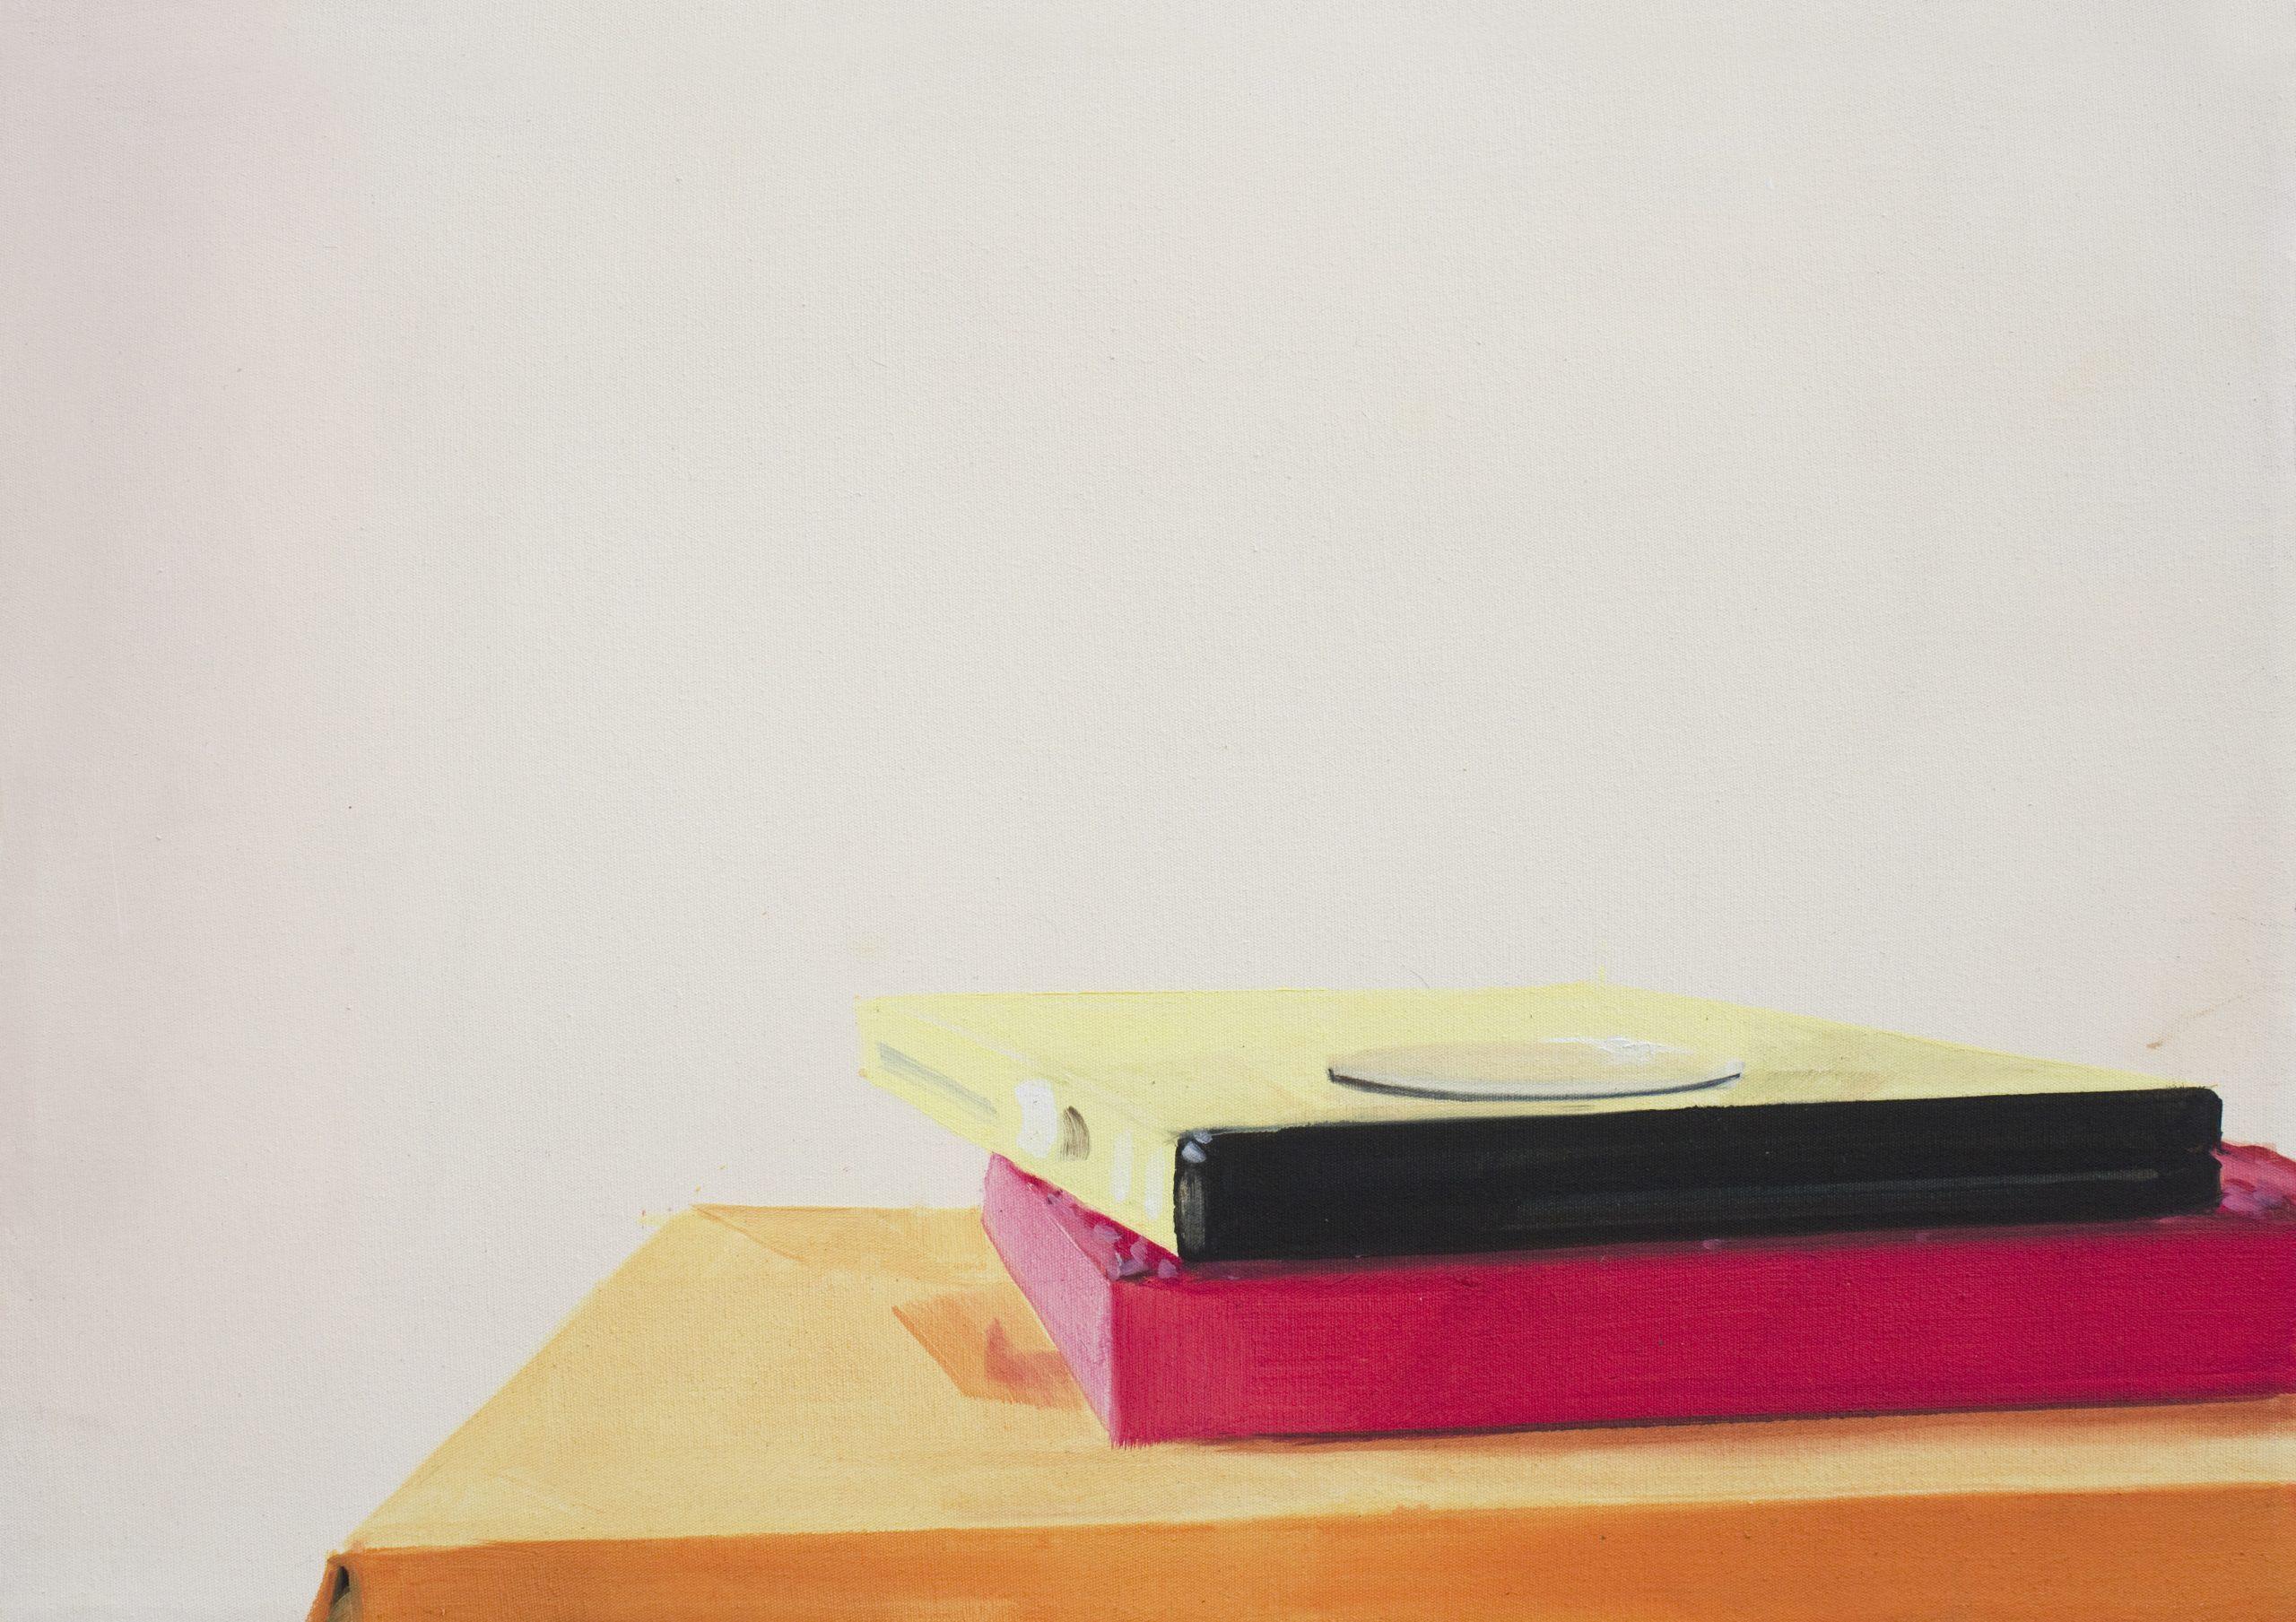 Britt Dorenbosch Little pile books